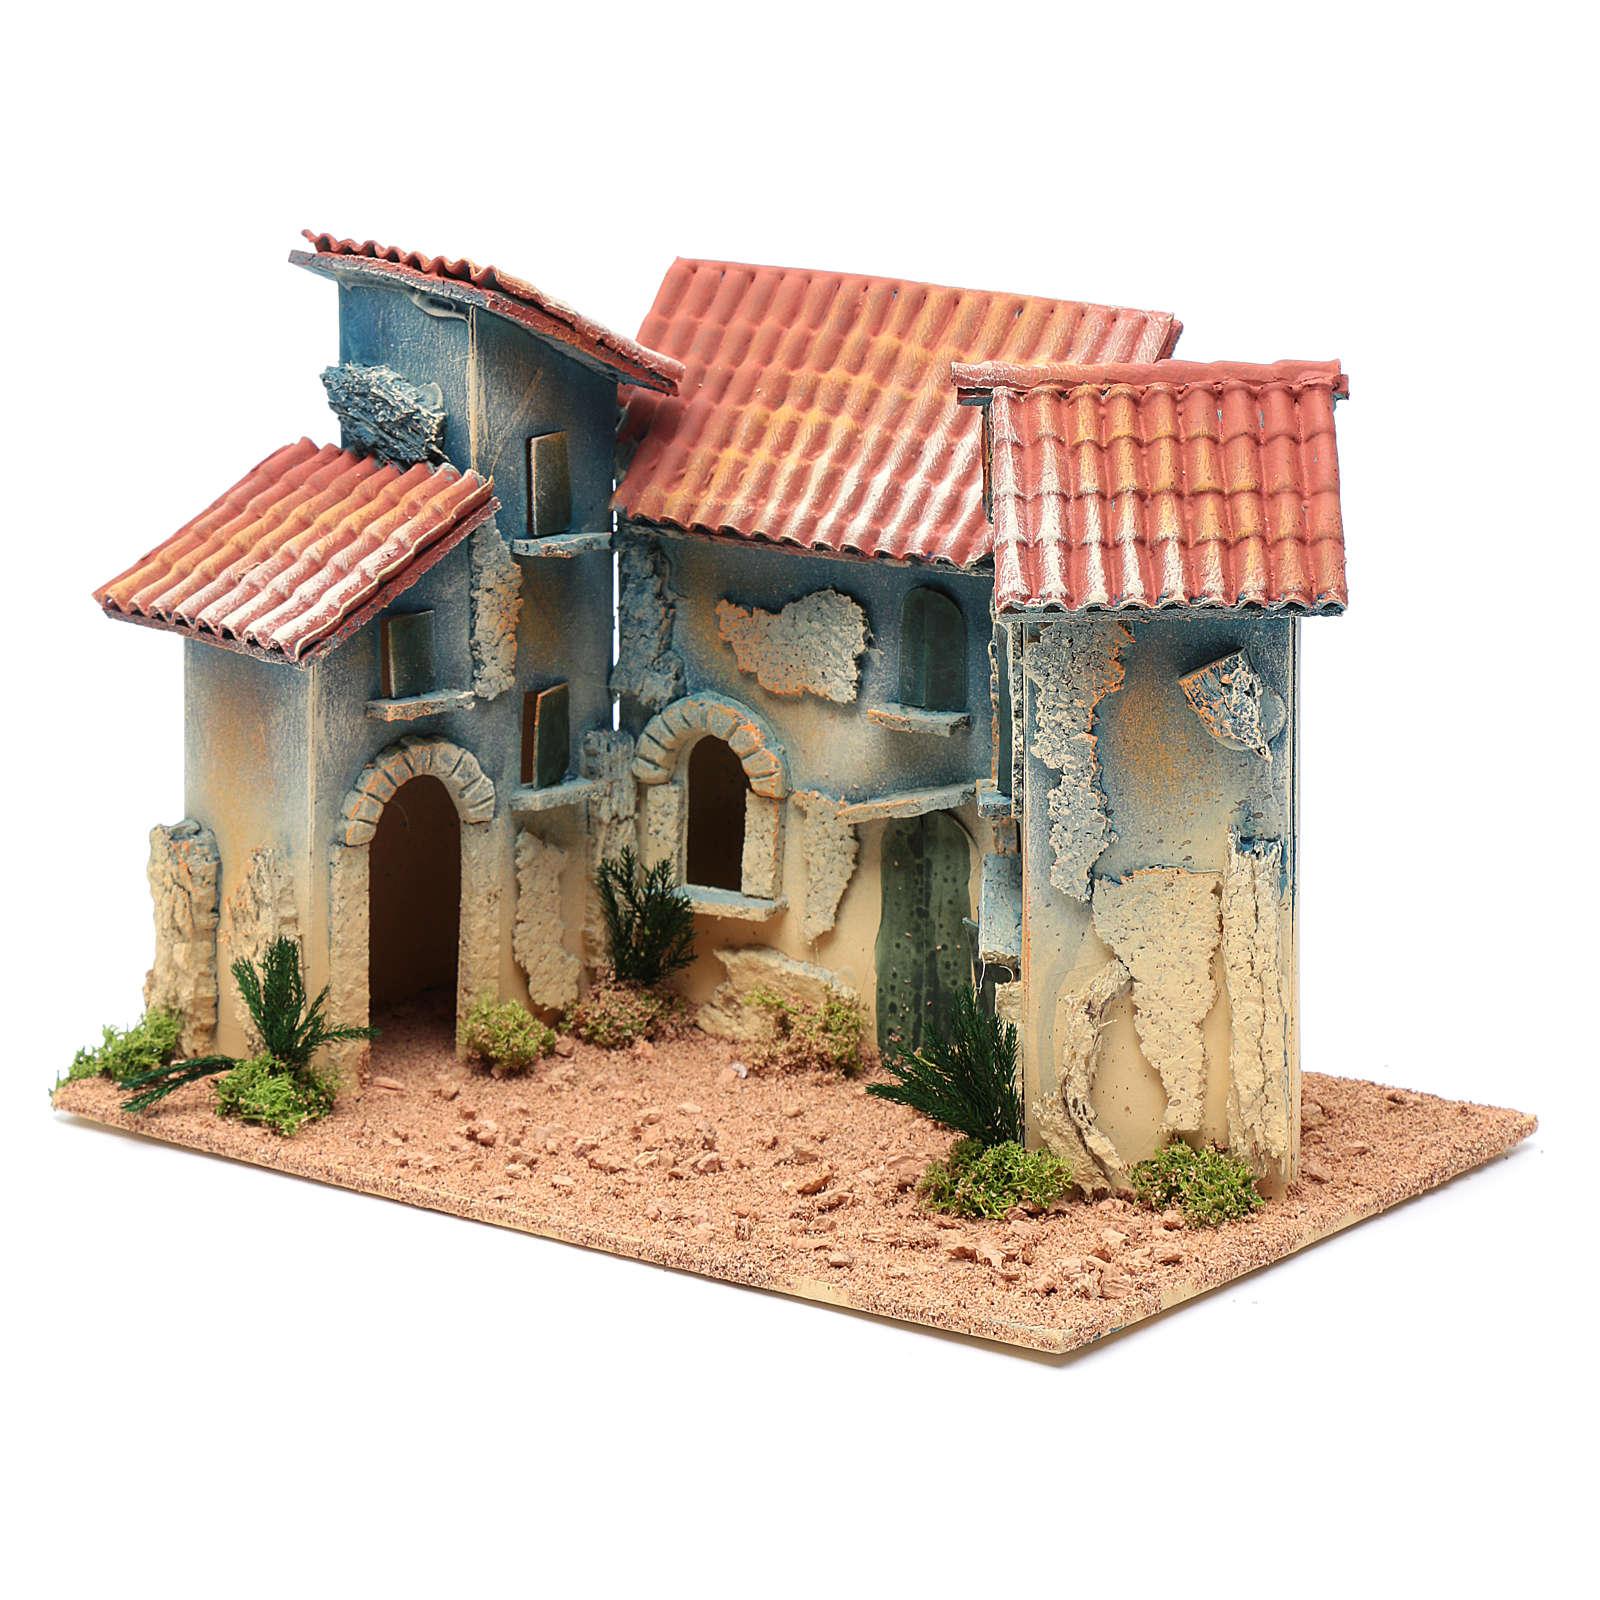 Aldea casas y pequeña cabaña 20x30x20 cm 4